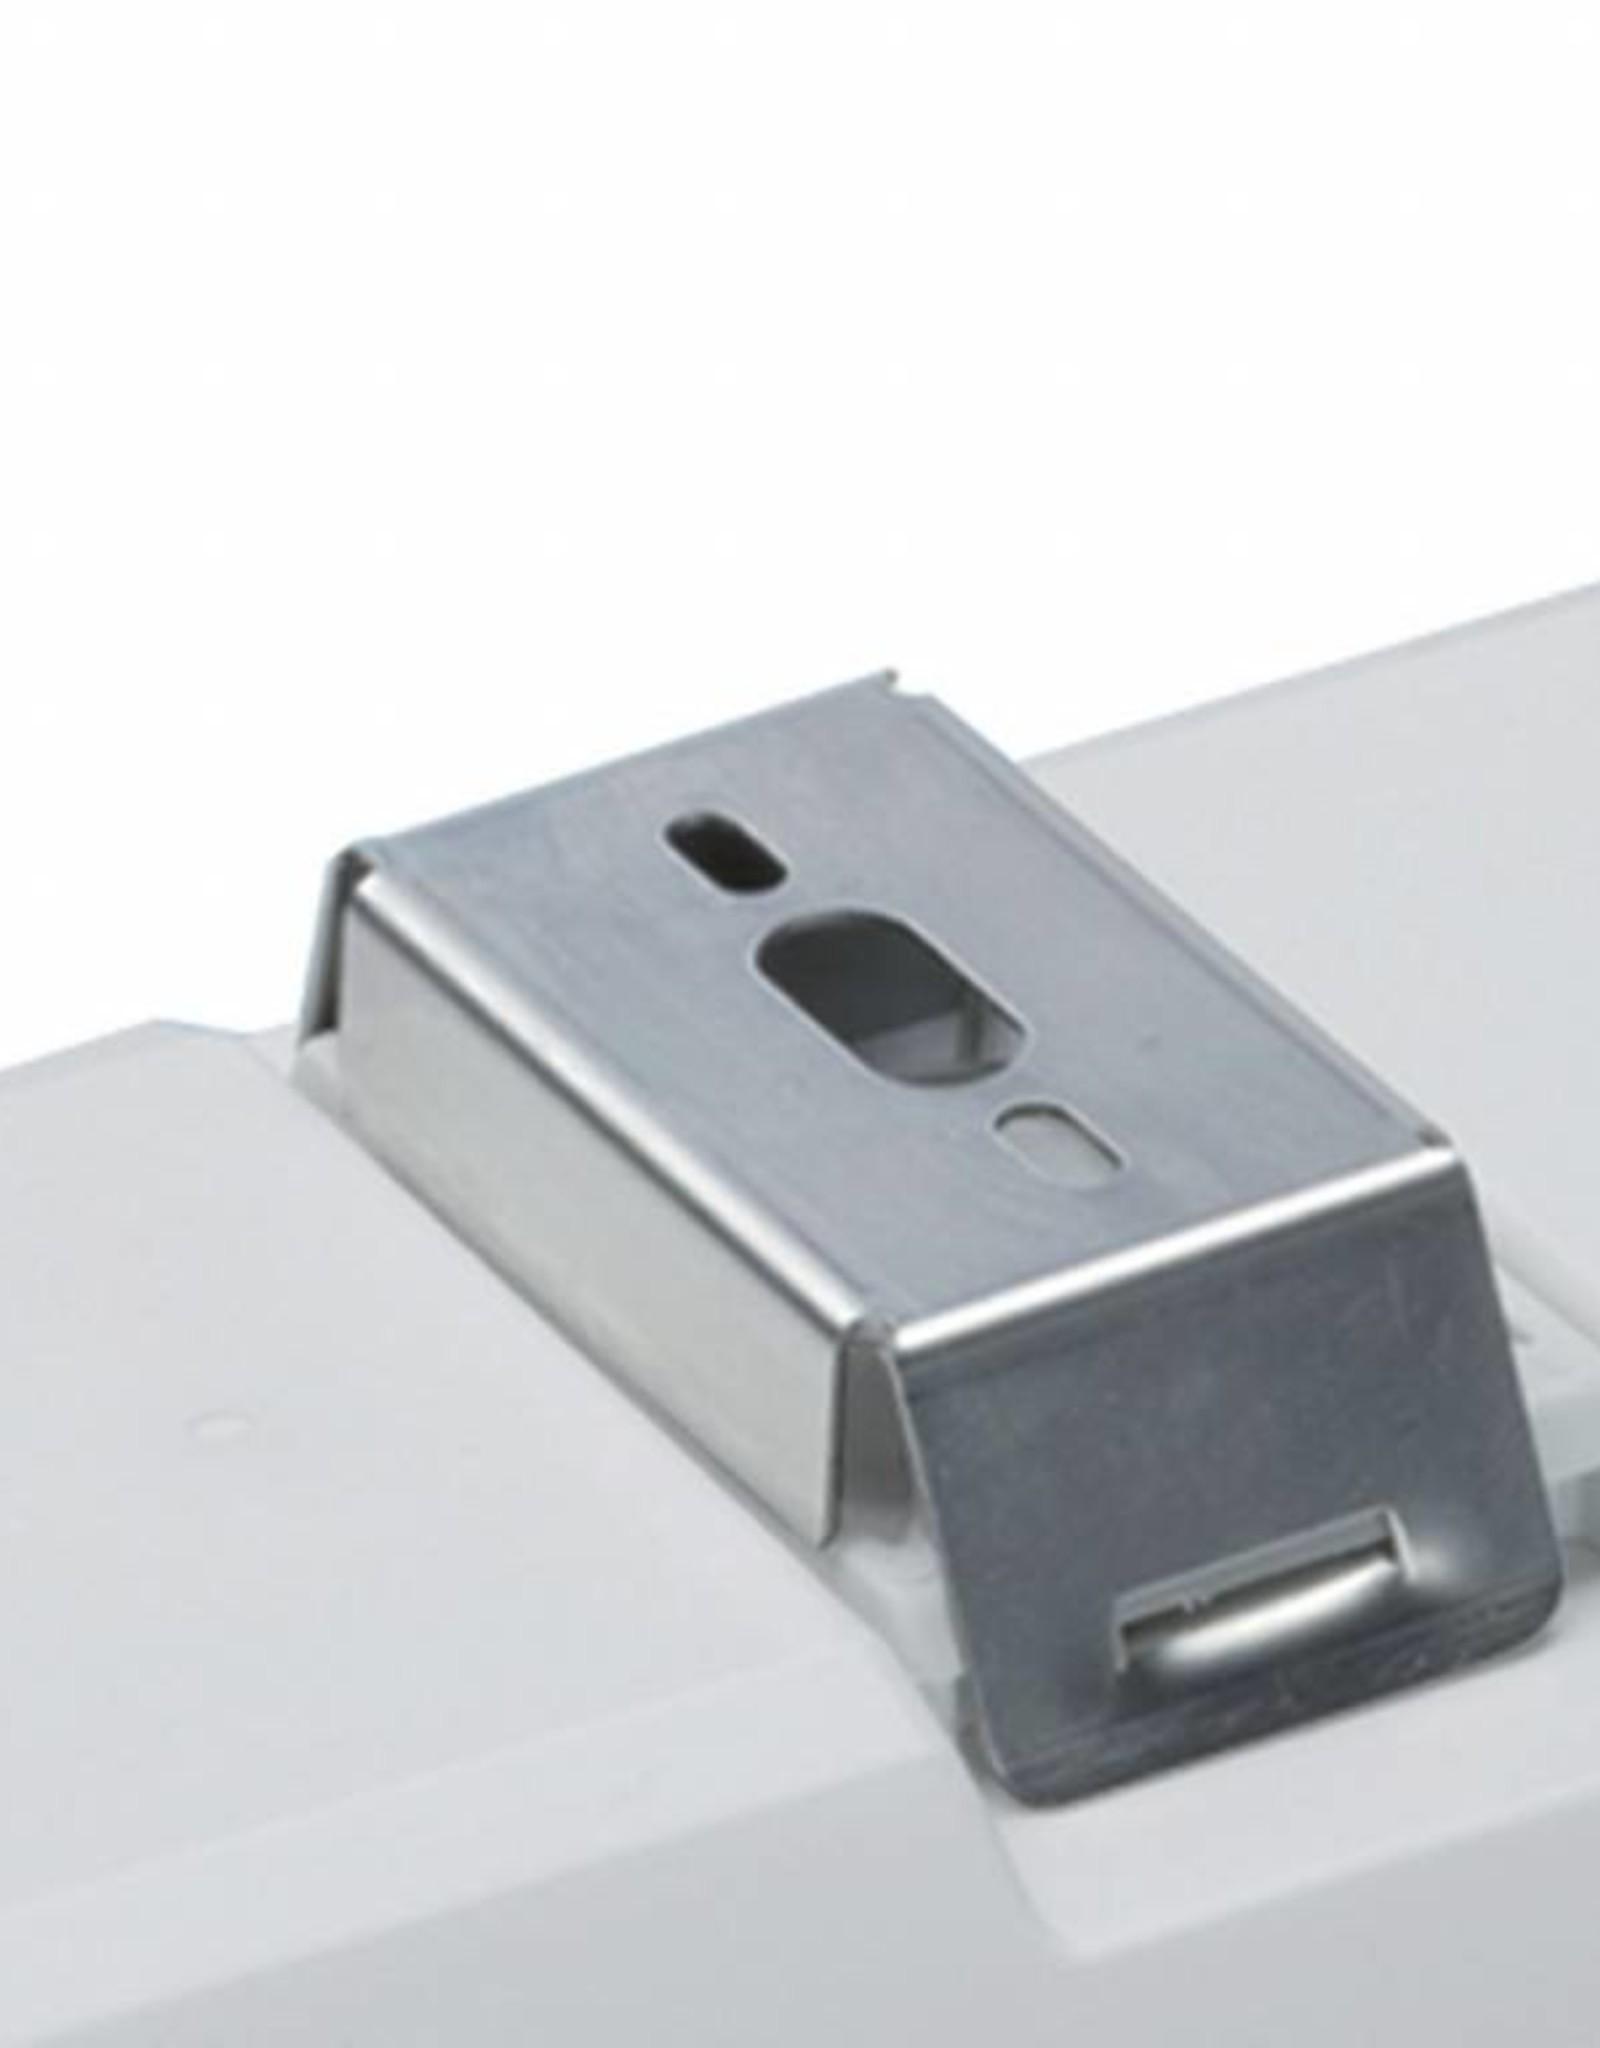 PRIMA FUTURA 2.5ft ABSc Al 11000/840 M1h